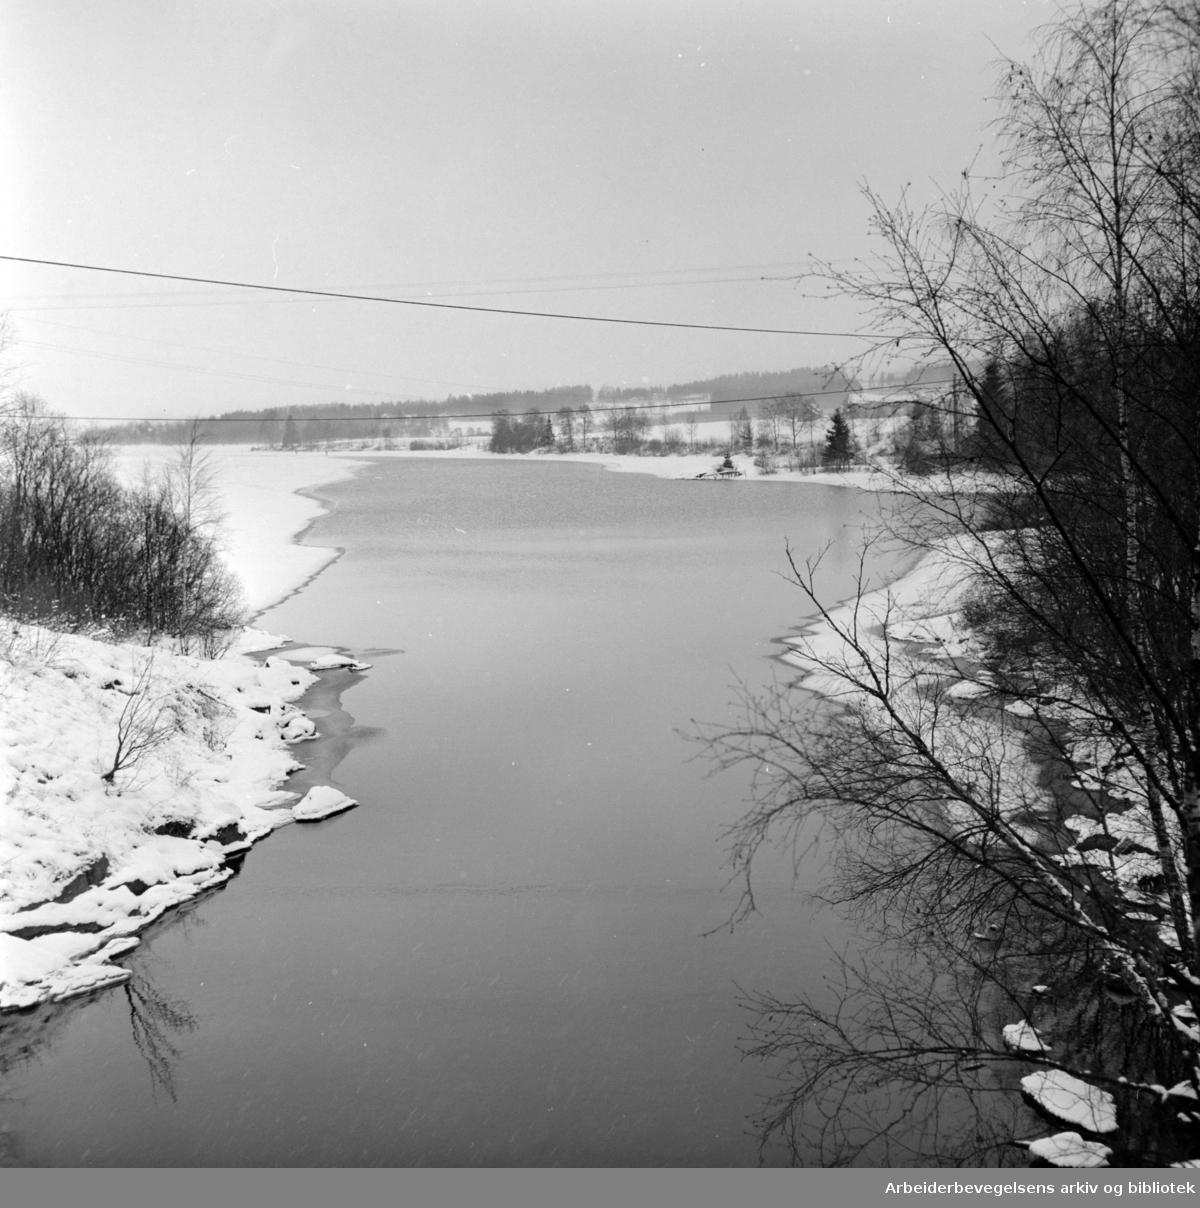 Maridalen: Maridalsvannet. Desember 1958